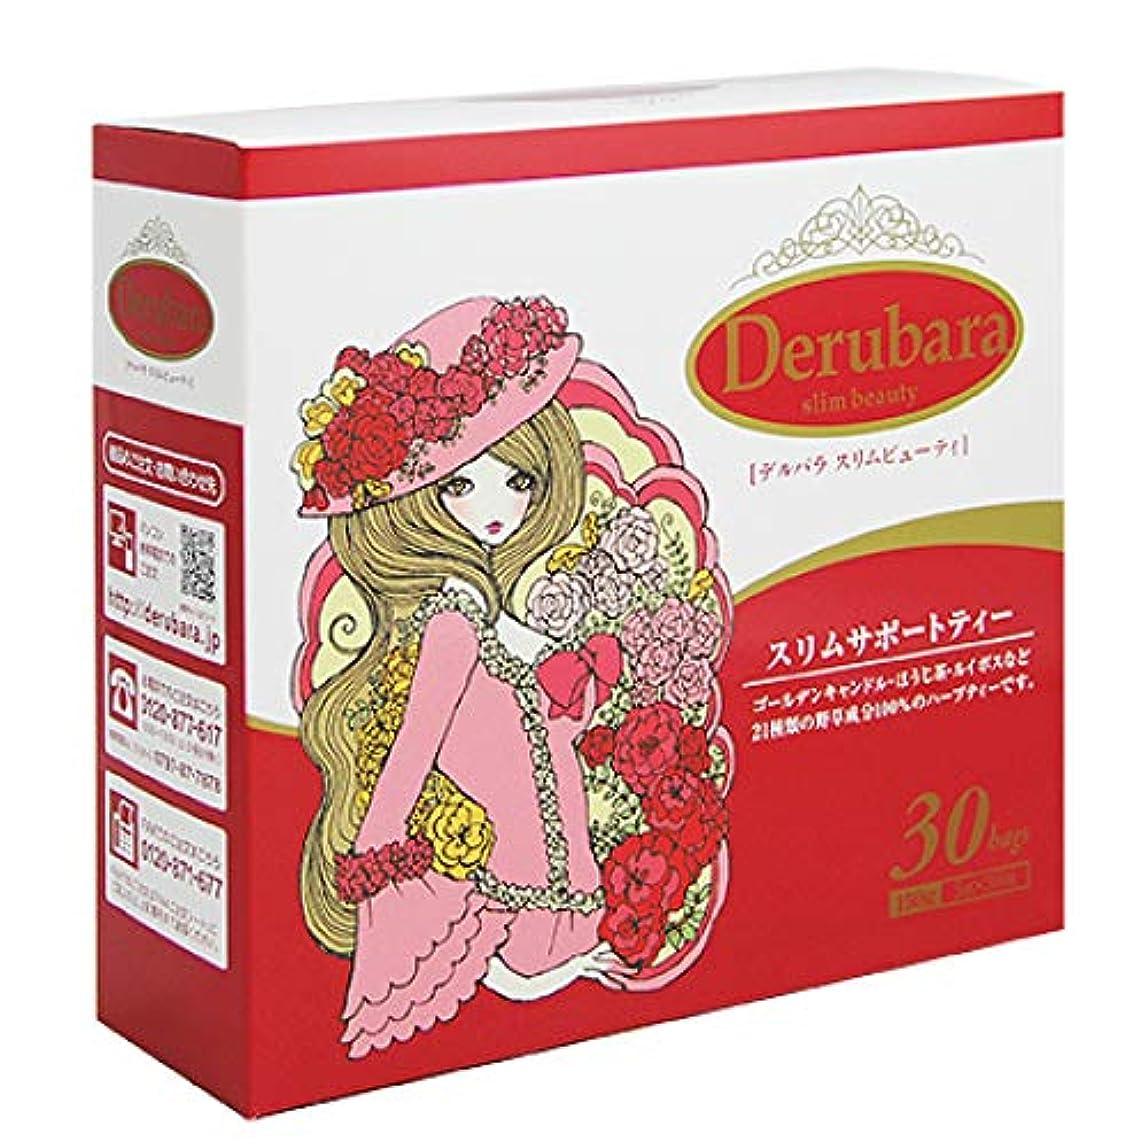 アルファベット順ミンチバイナリデルバラスリムビューティ 1箱 (1包5g×30包入)朝スッキリ! キャンドルブッシュ お茶